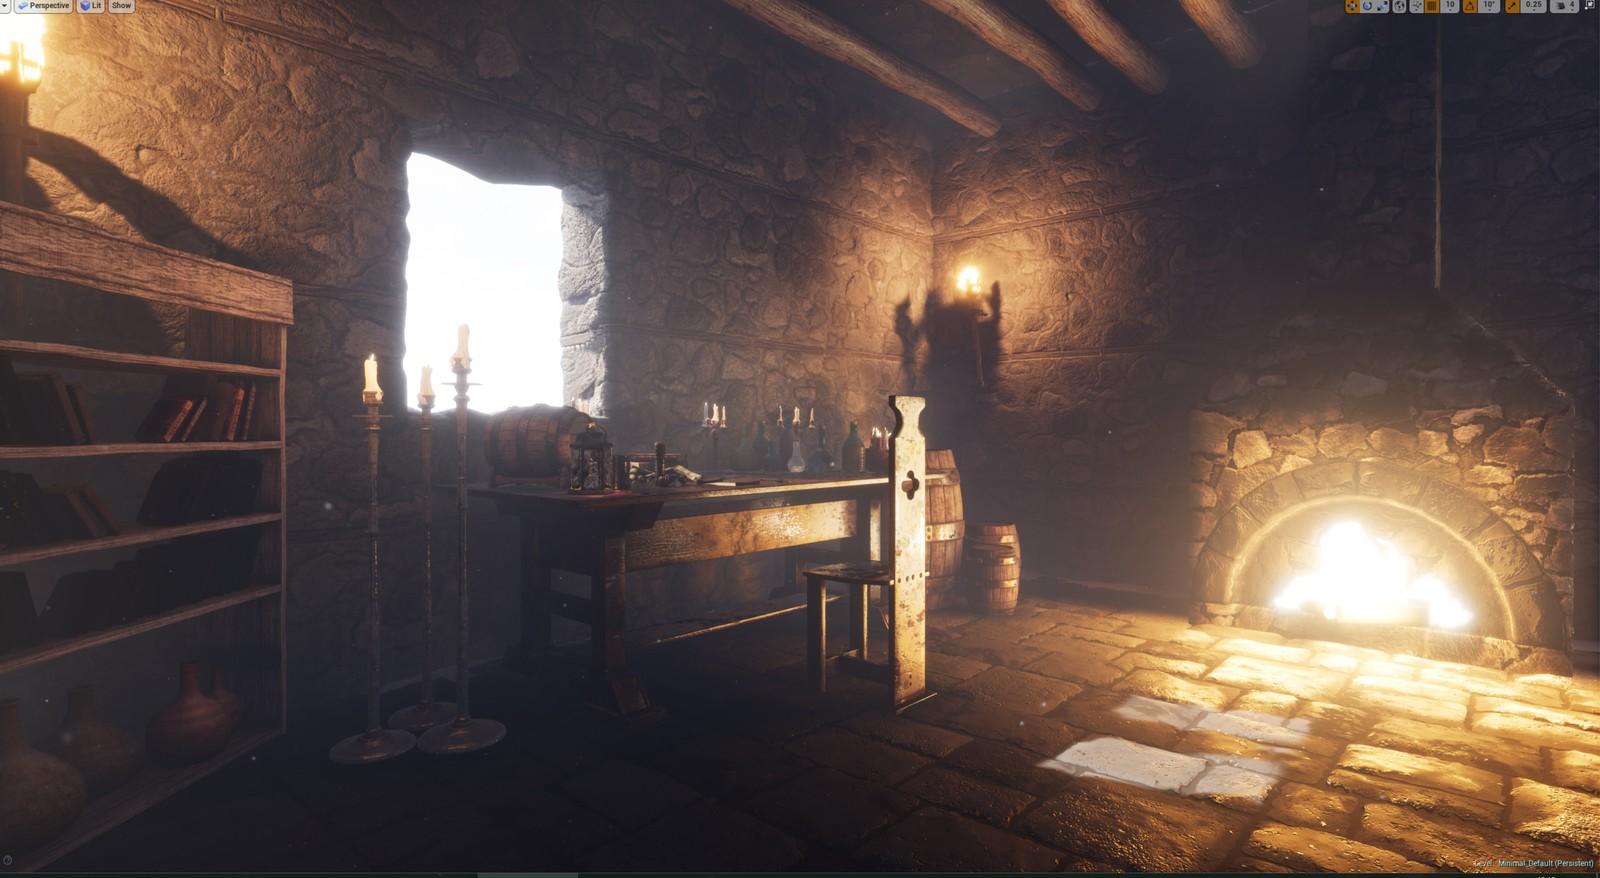 The Elder Scrolls 2: Daggerfall - Fan Art (Unreal Engine)